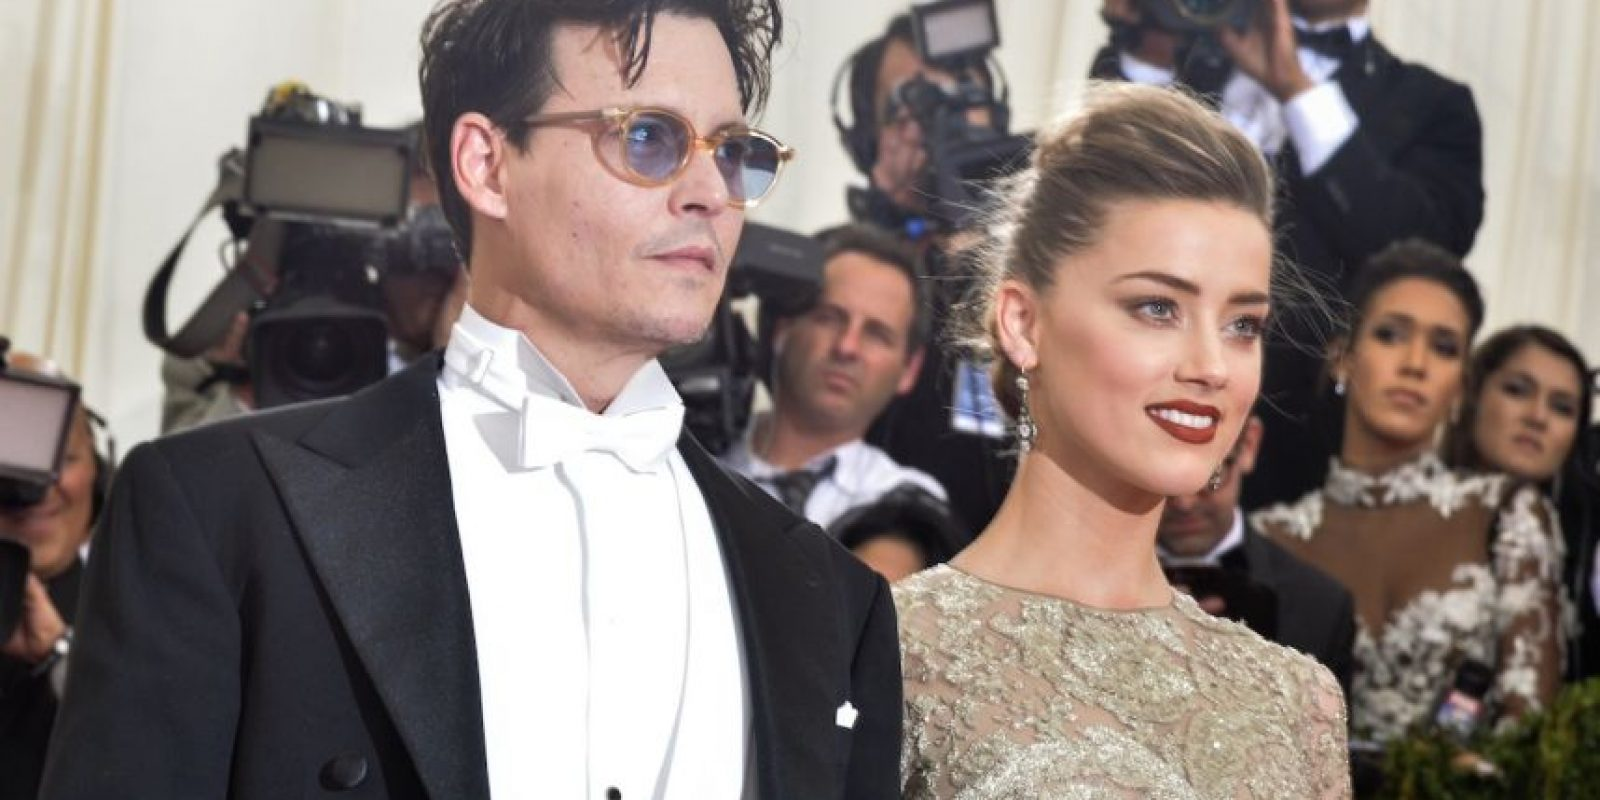 El 3 de febrero, Depp de 51 años y Heard de 28 contrajeron matrimonio Foto:Getty Images